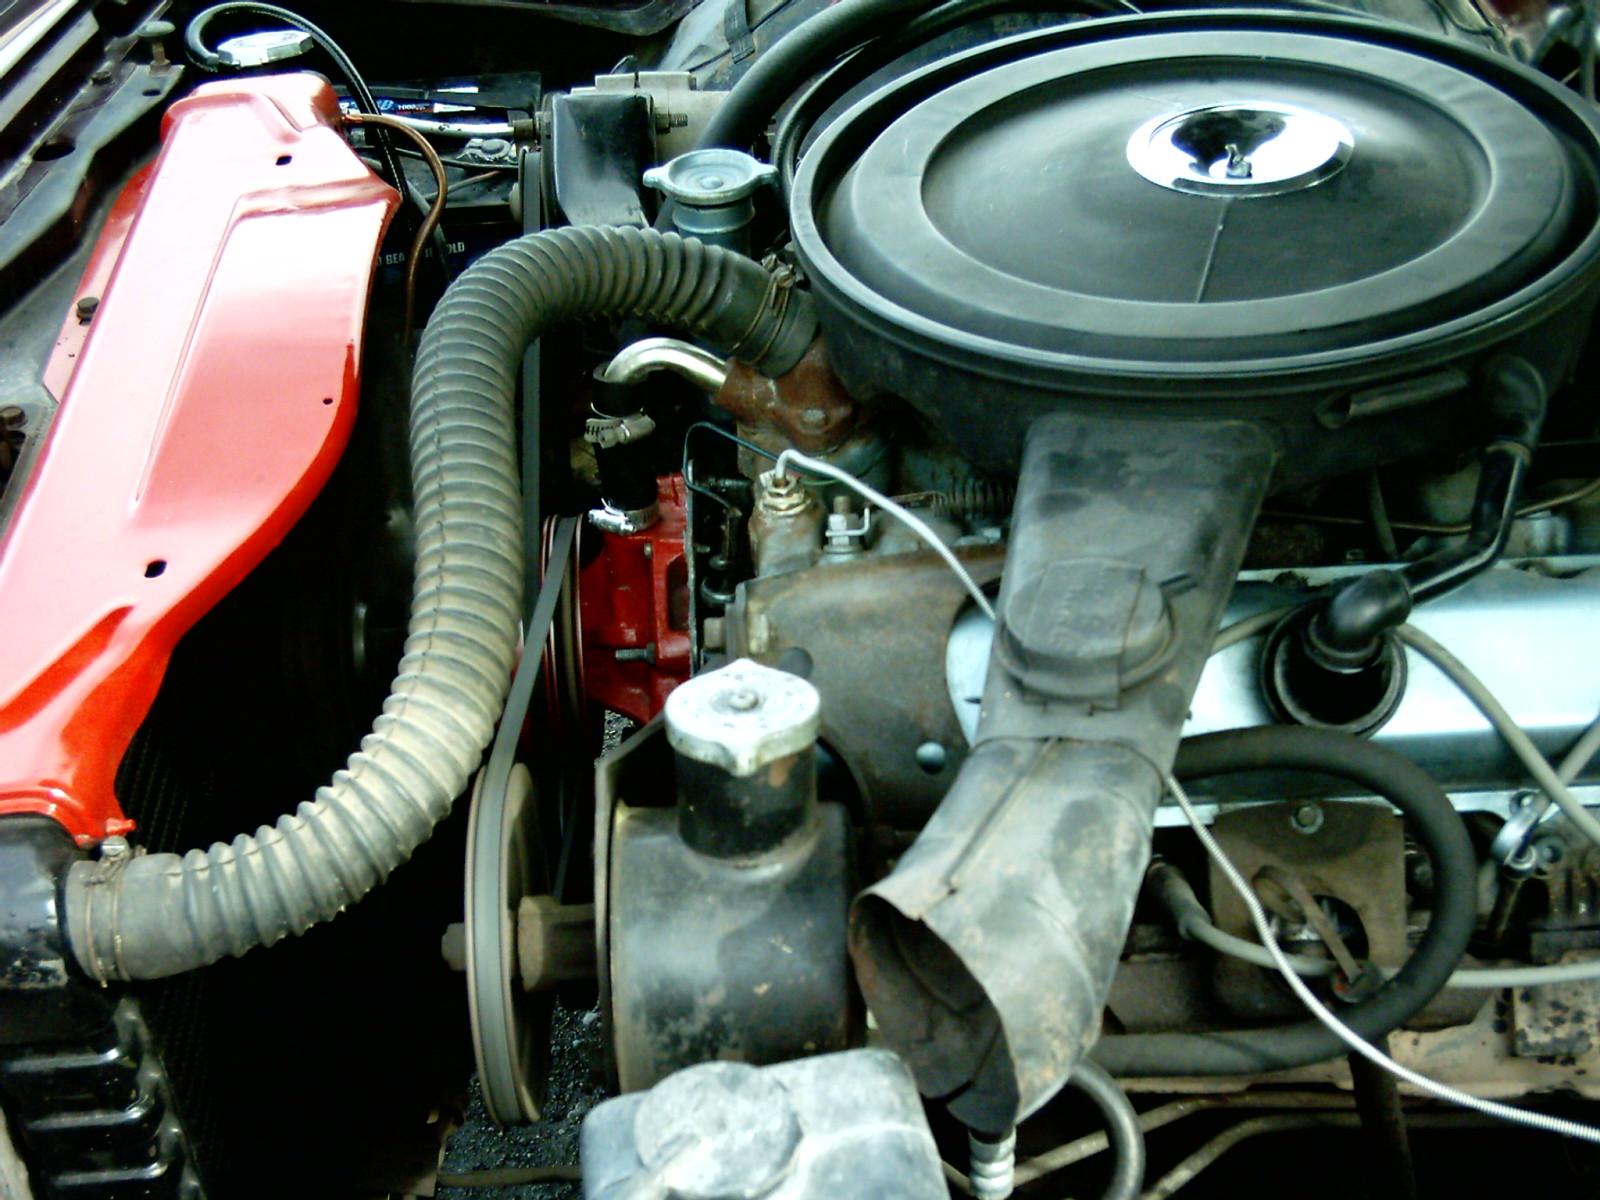 1967 Oldsmobile Toronado 455